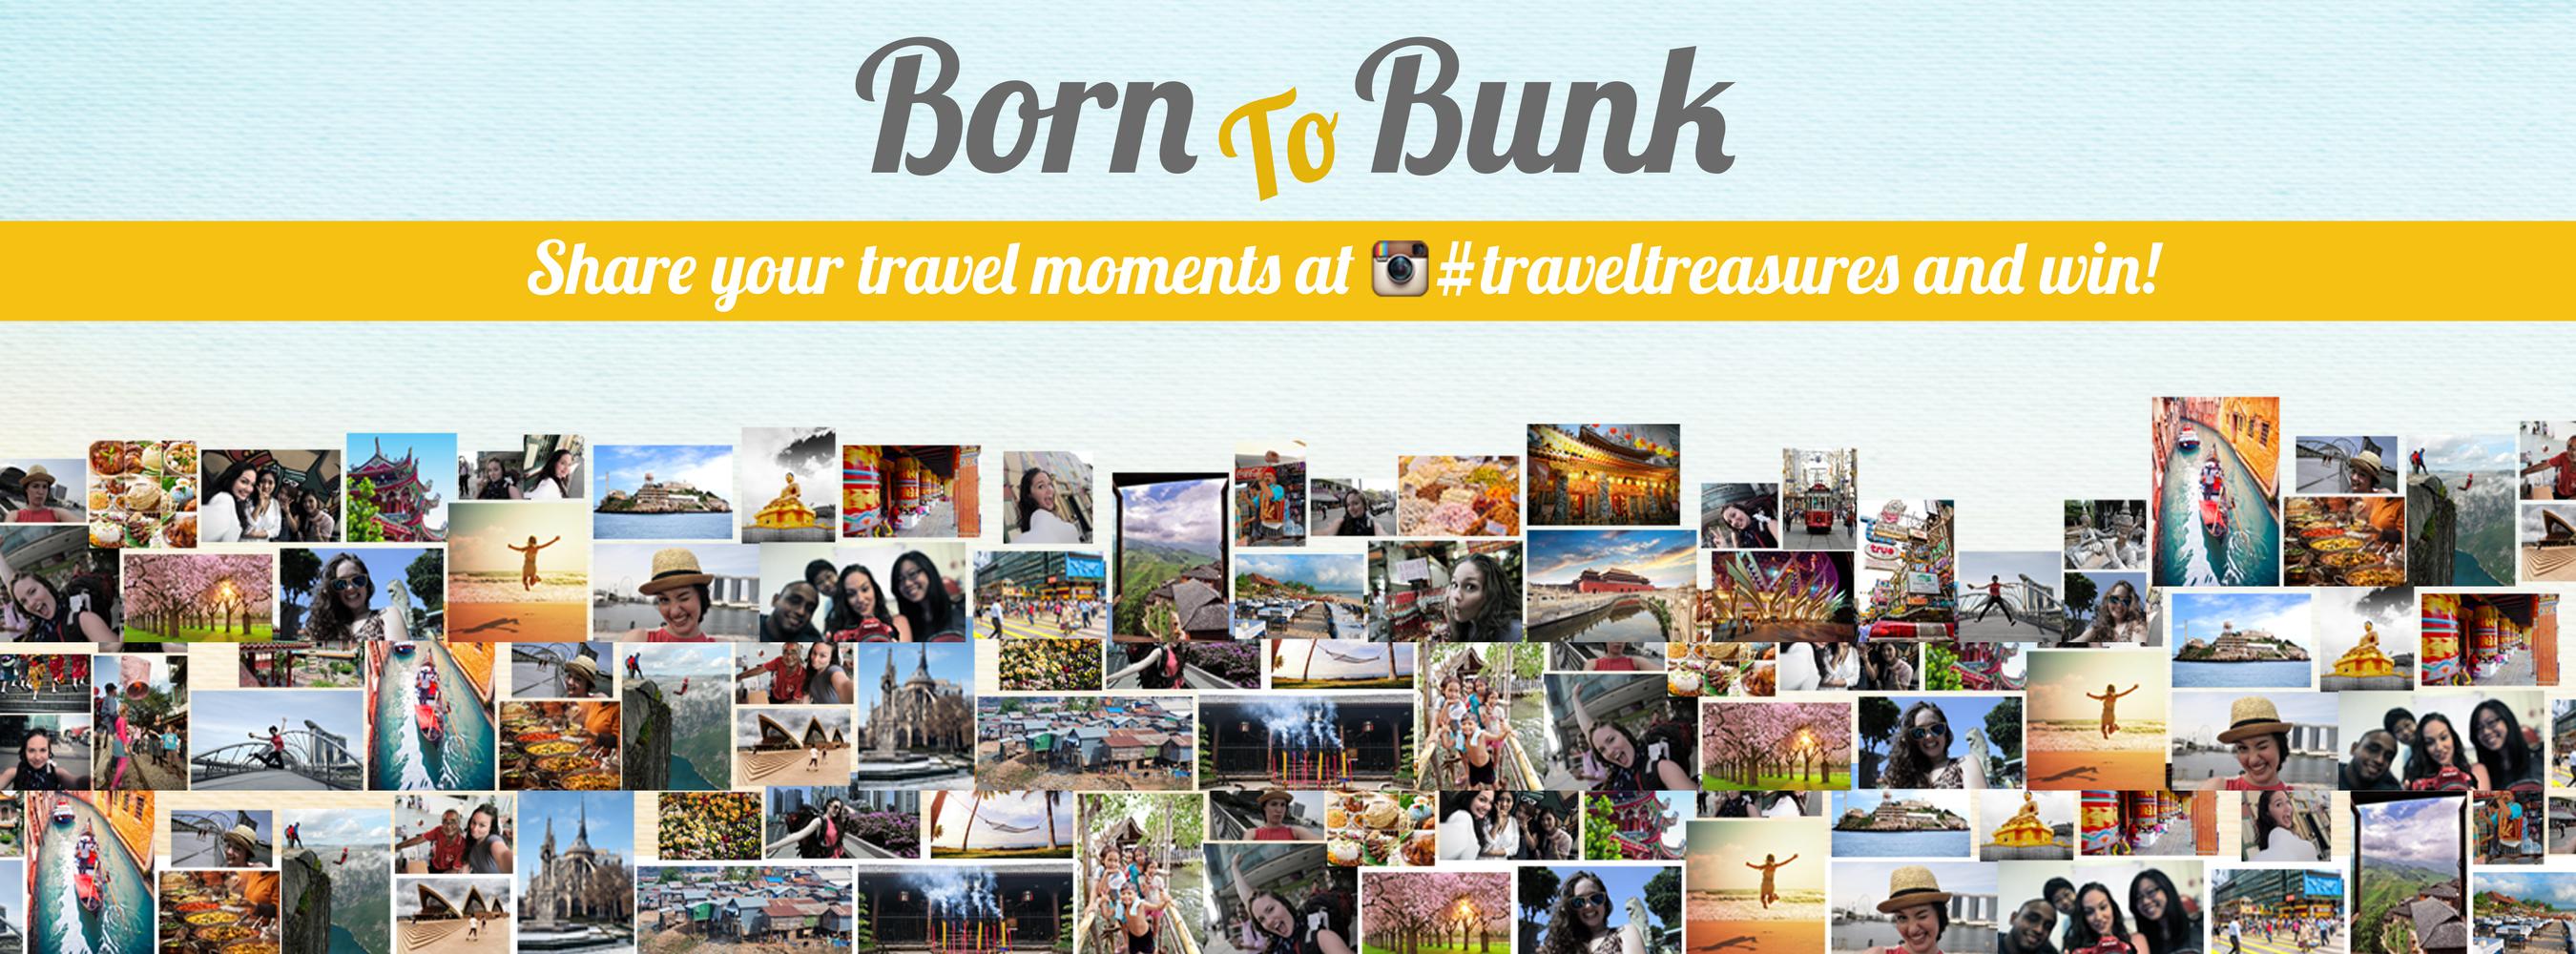 BornToBunk.com #TravelTreasures Contest (PRNewsFoto/Glocal Hospitality Solutions)